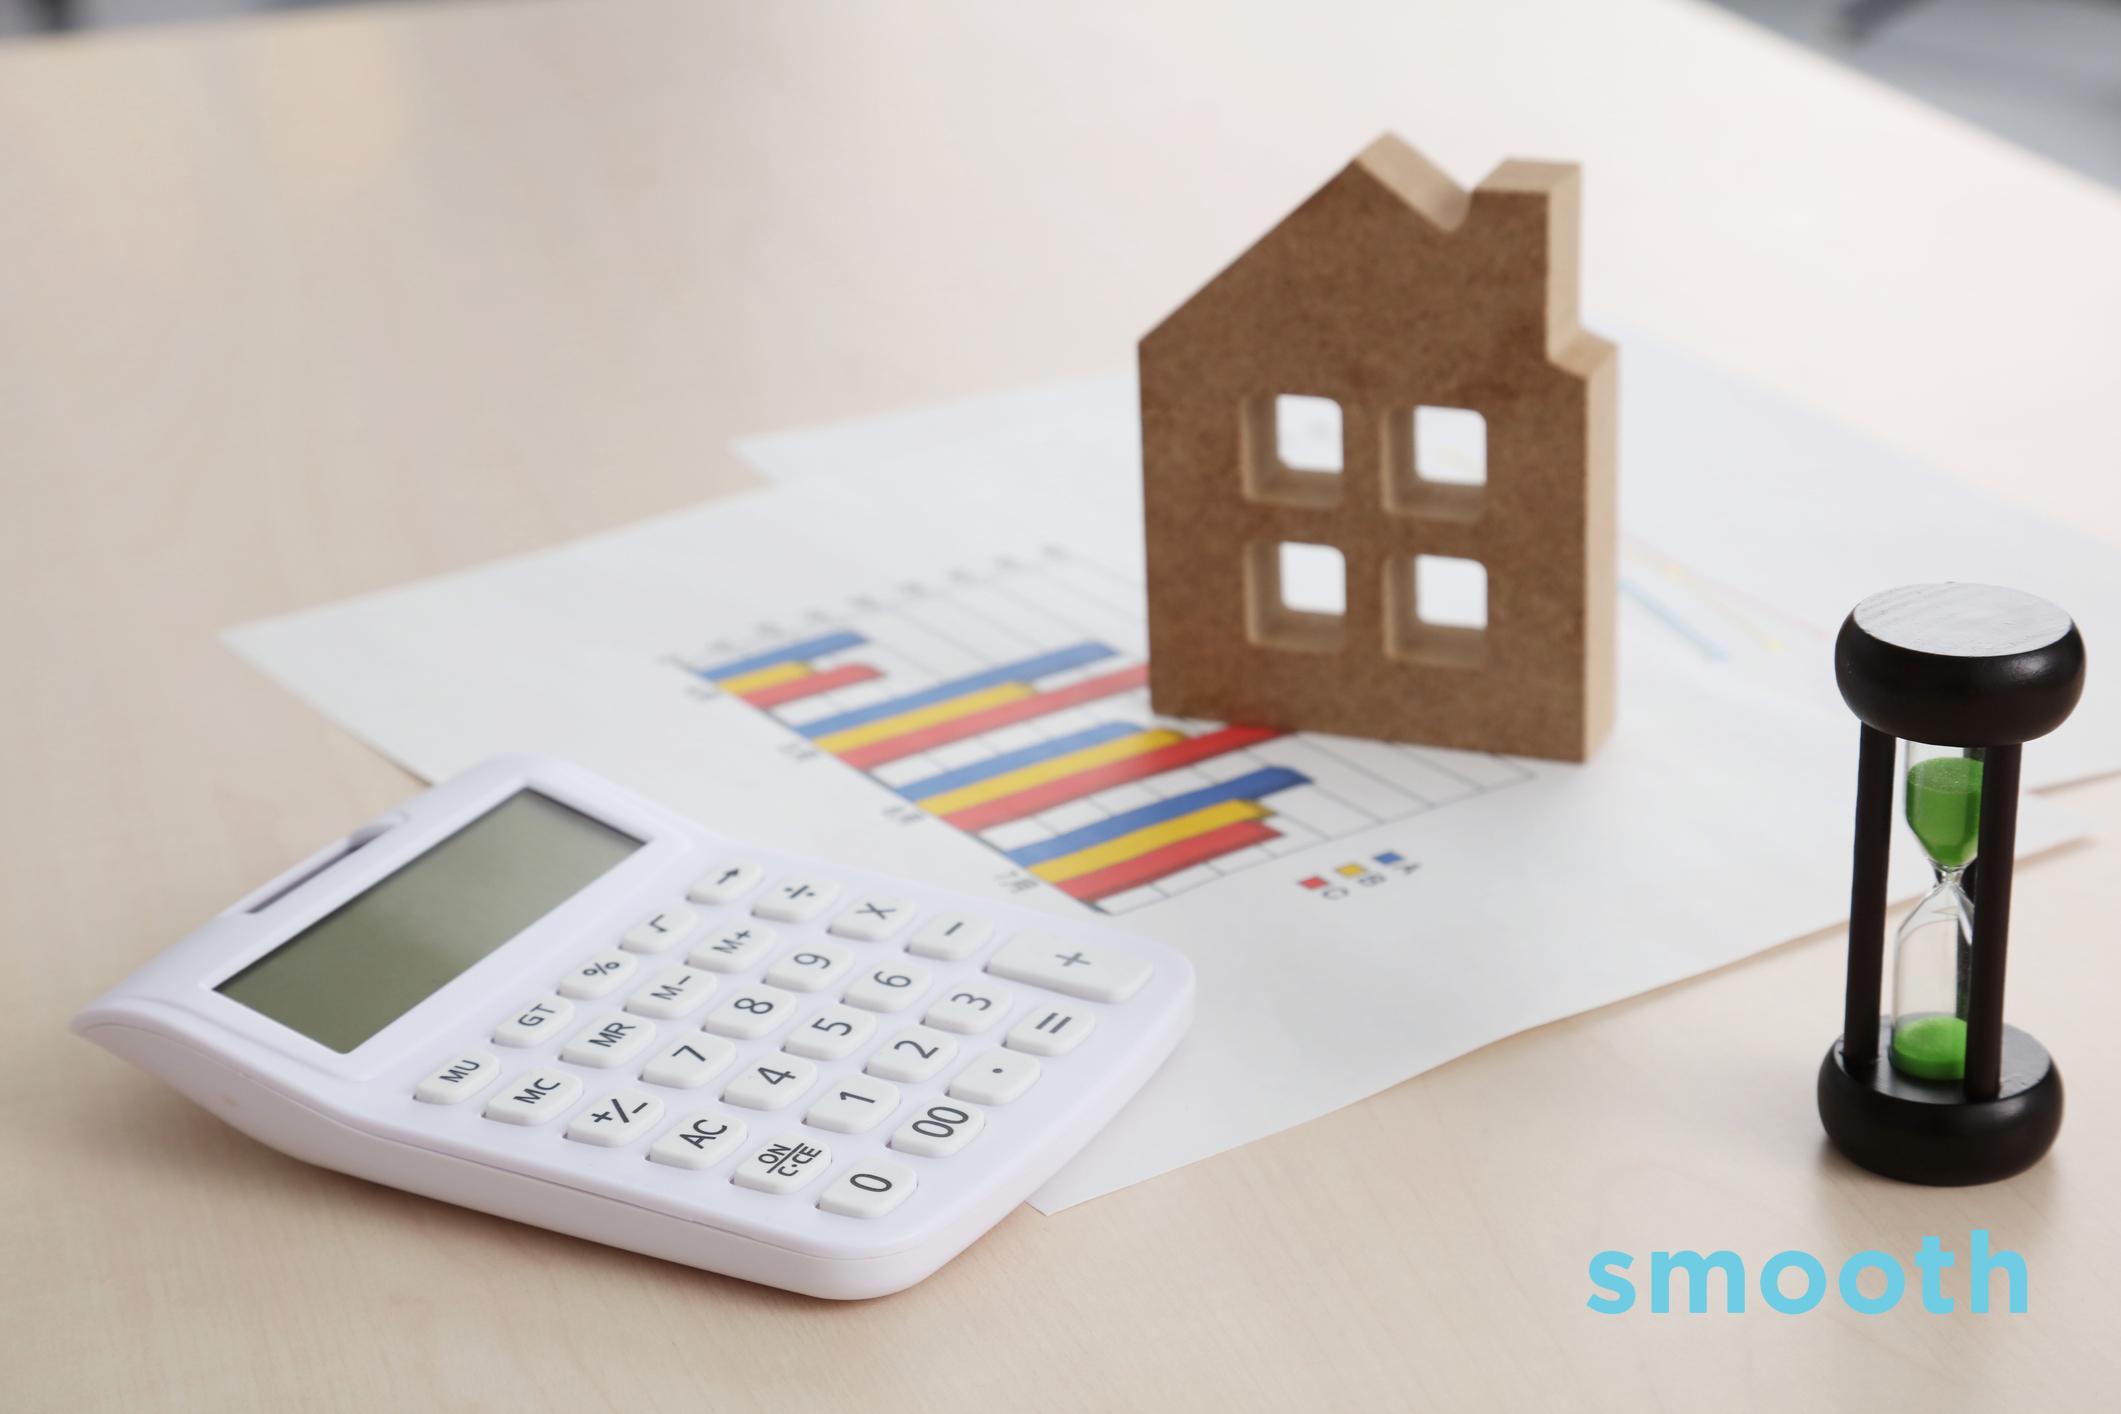 賃貸初期費用の前家賃とは?契約時に必要な初期費用について解説